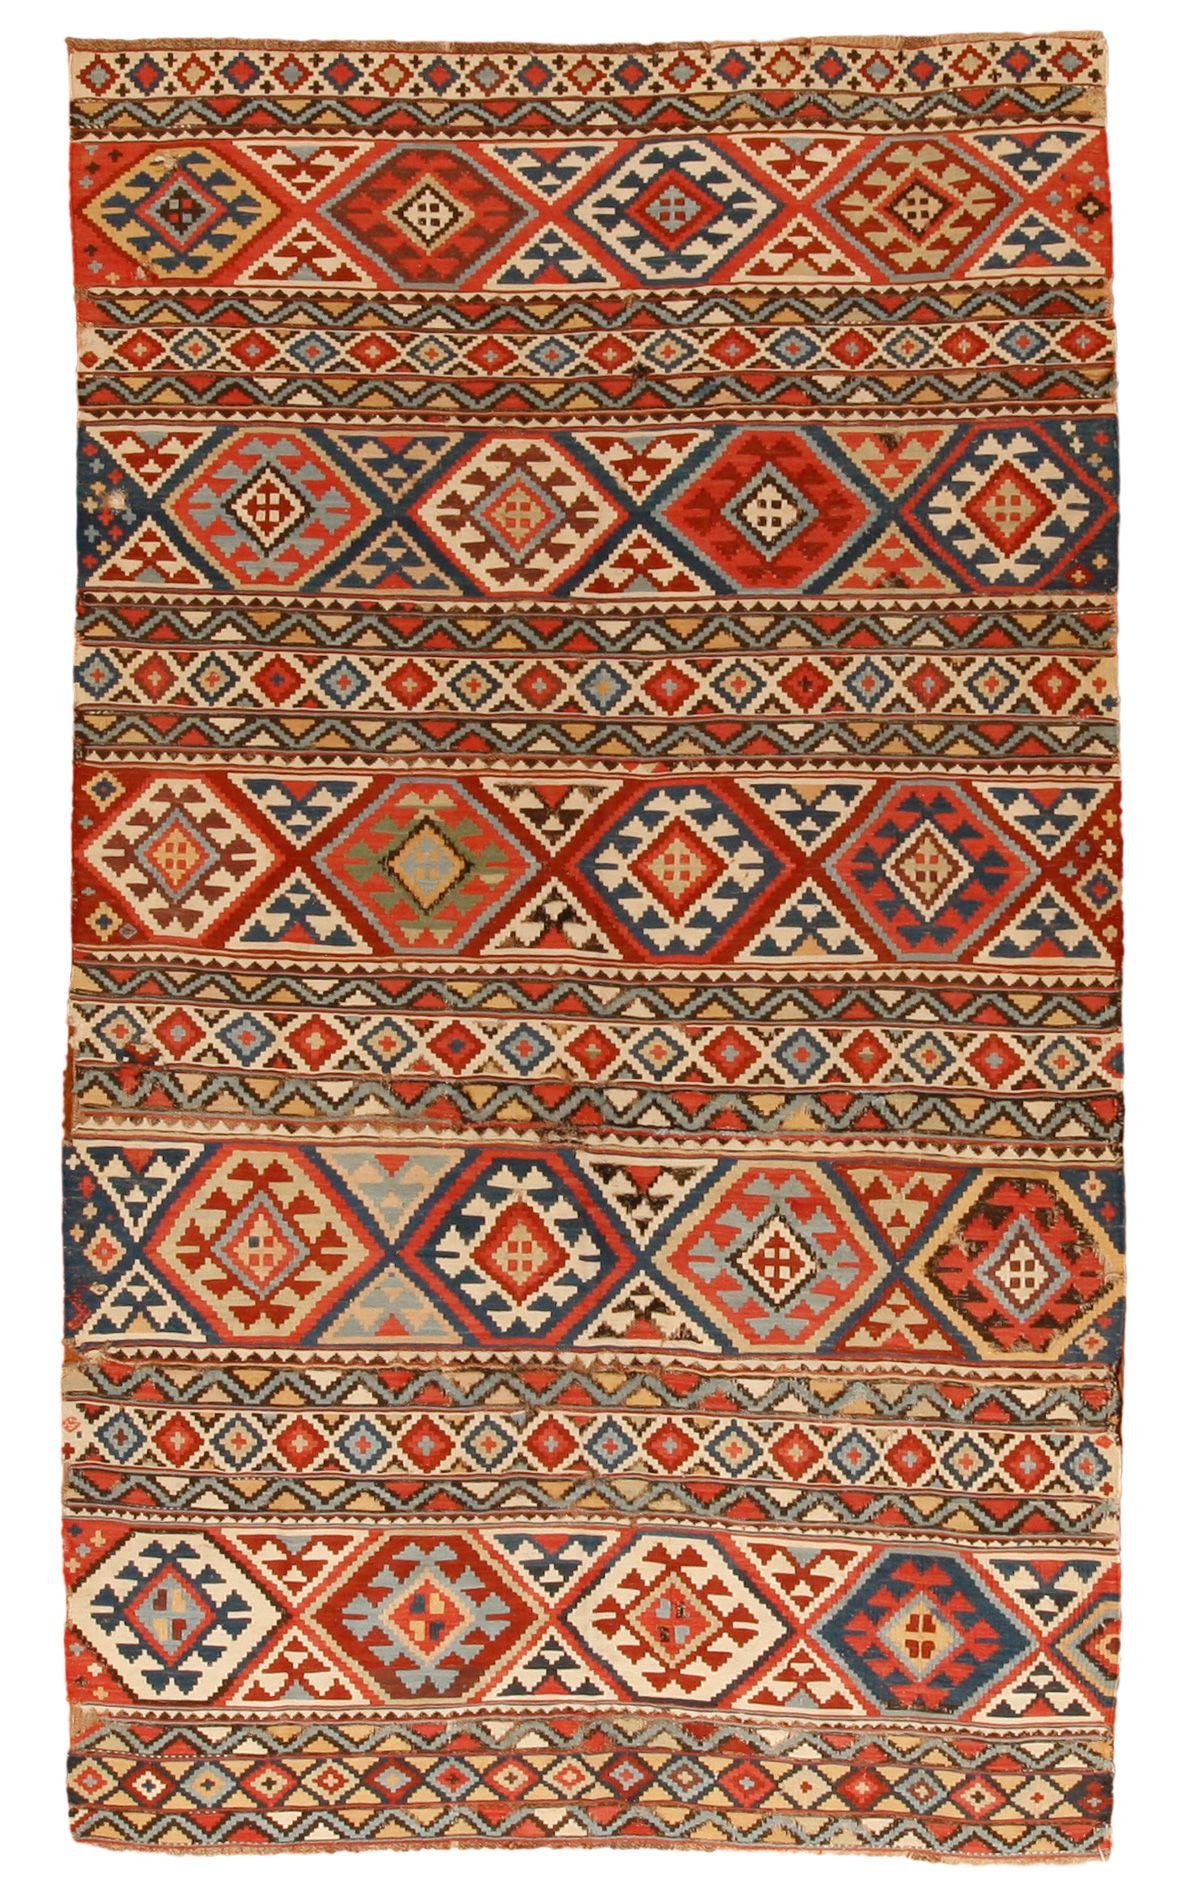 Antique Kilim, Antique Qashqai Rug, Antique Karapinar Rug